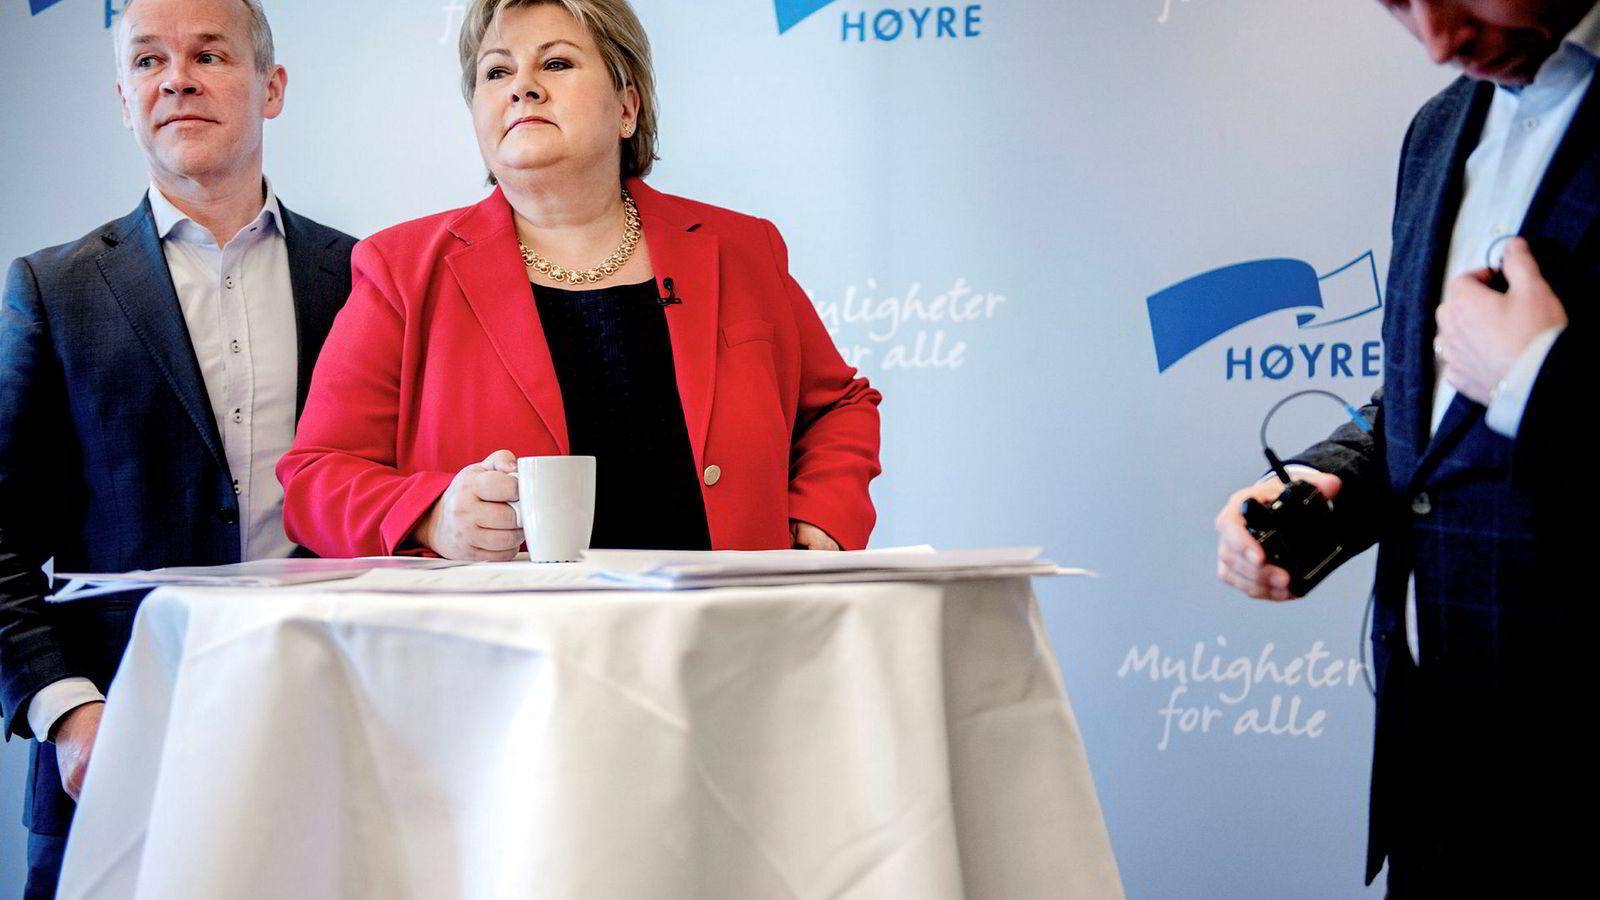 Statsmister Erna Solberg møtte tirsdag pressen i forkant av Høyres landsmøte. Kommunal- og moderniseringsminister Jan Tore Sanner bak til venstre.